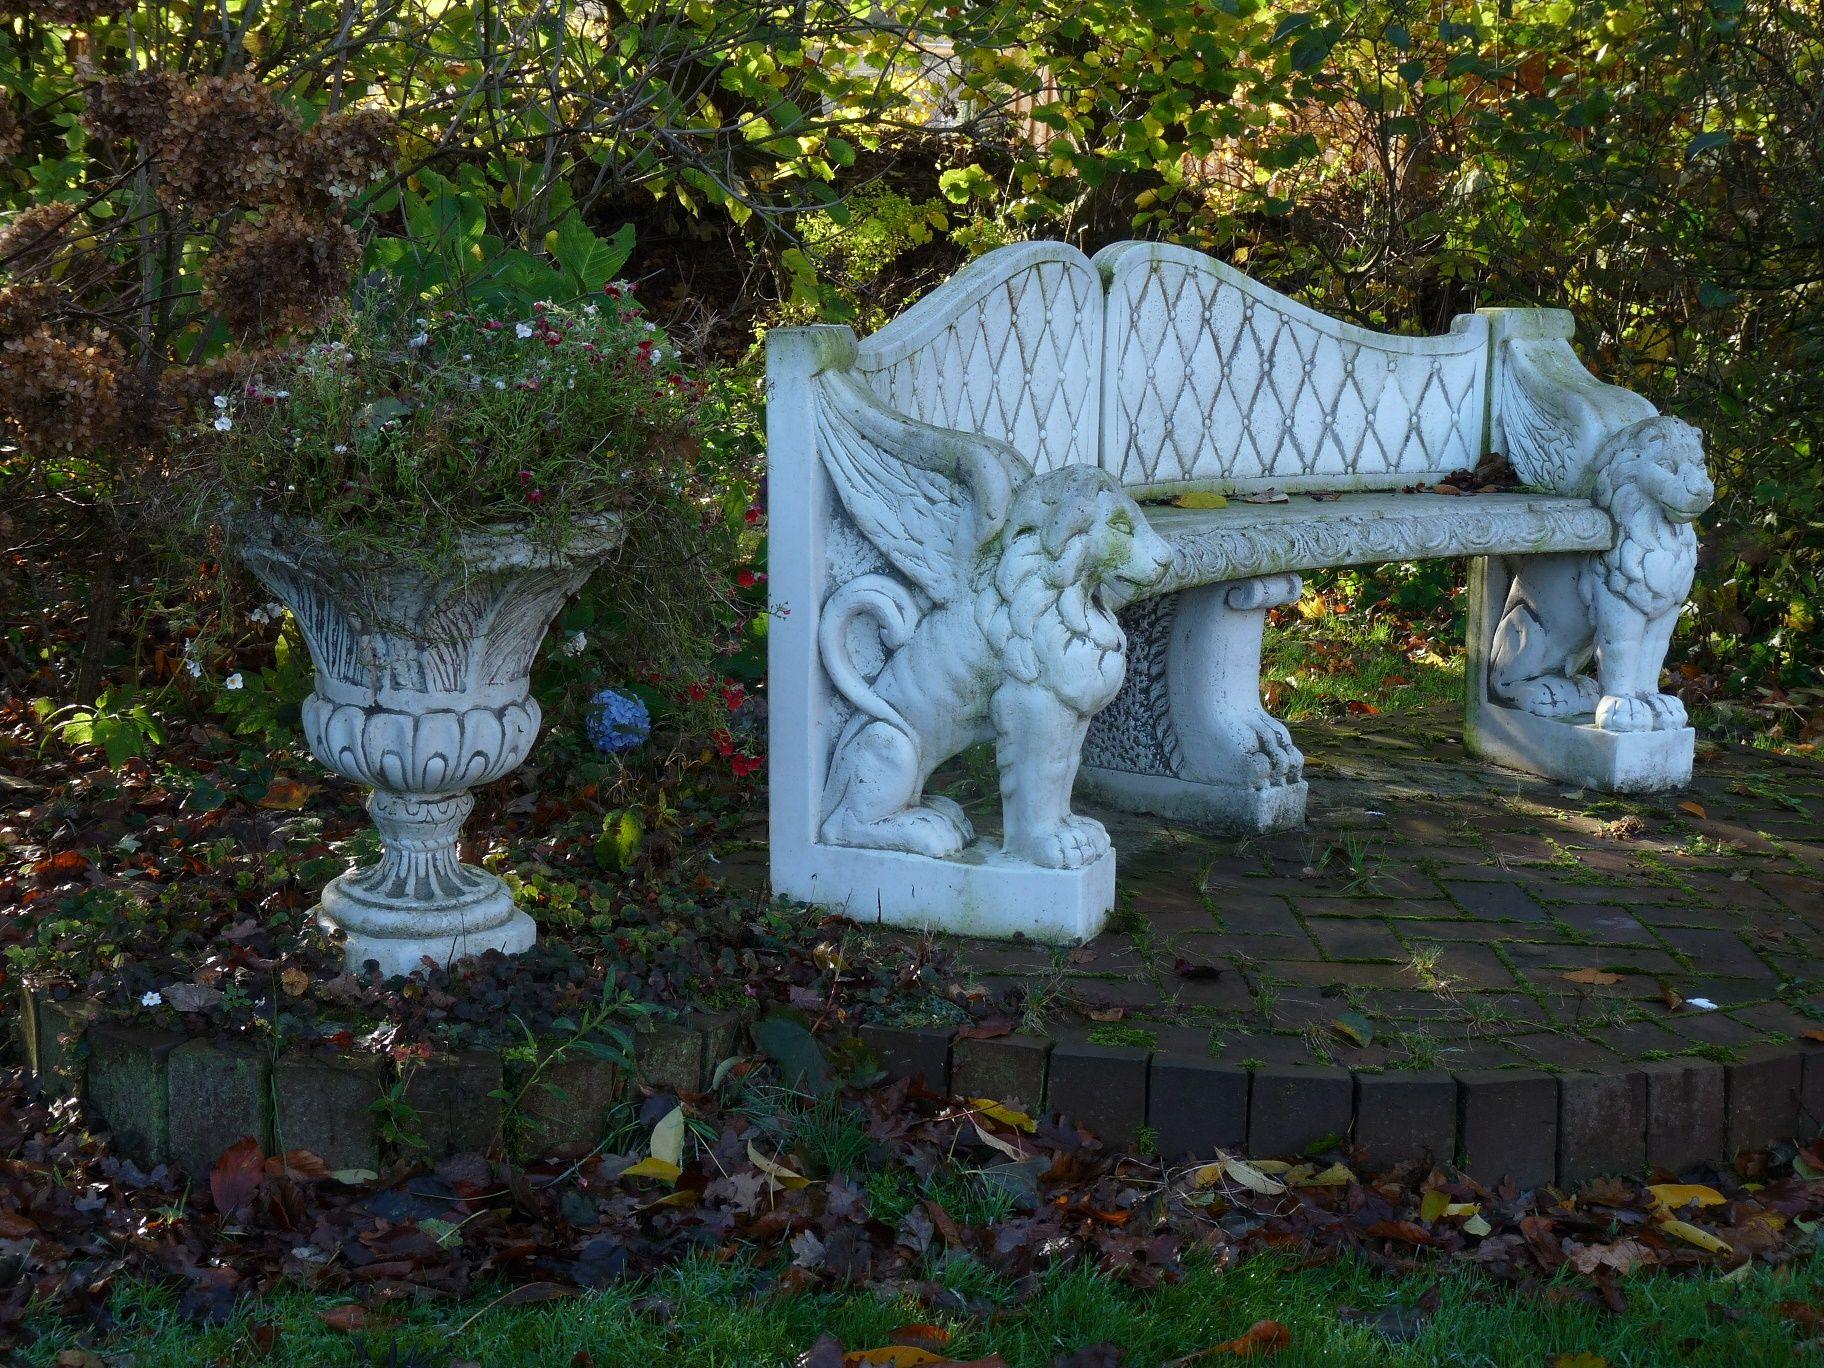 Weisse Gartenbank Banke Garden And Patio Jardin Patio Garden Patio Outdoor Decor